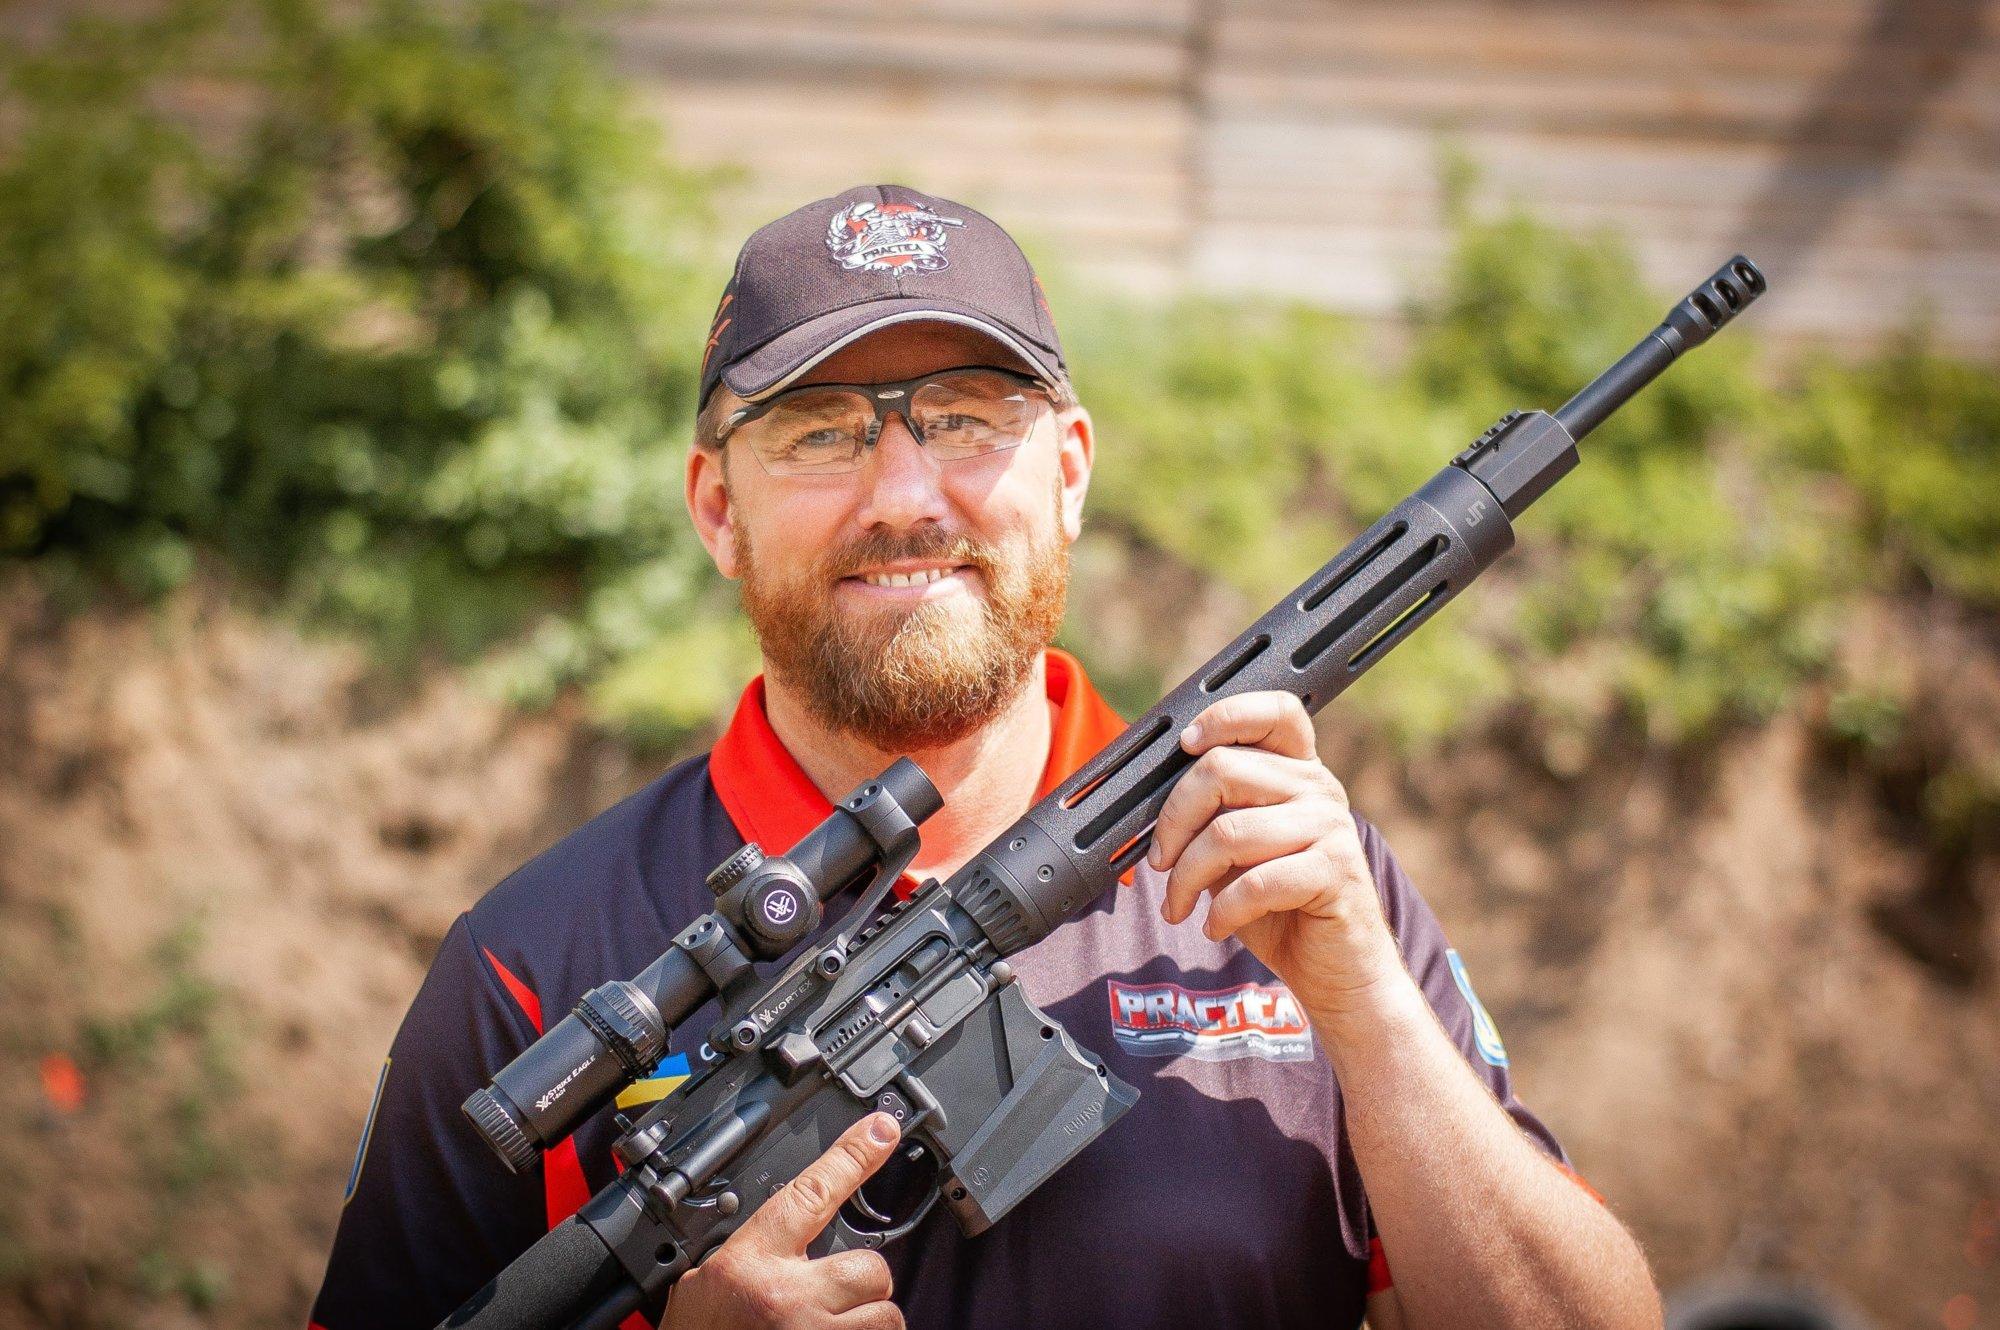 Не страшно, а увлекательно: Олег Даценко о практической стрельбе и её пользе